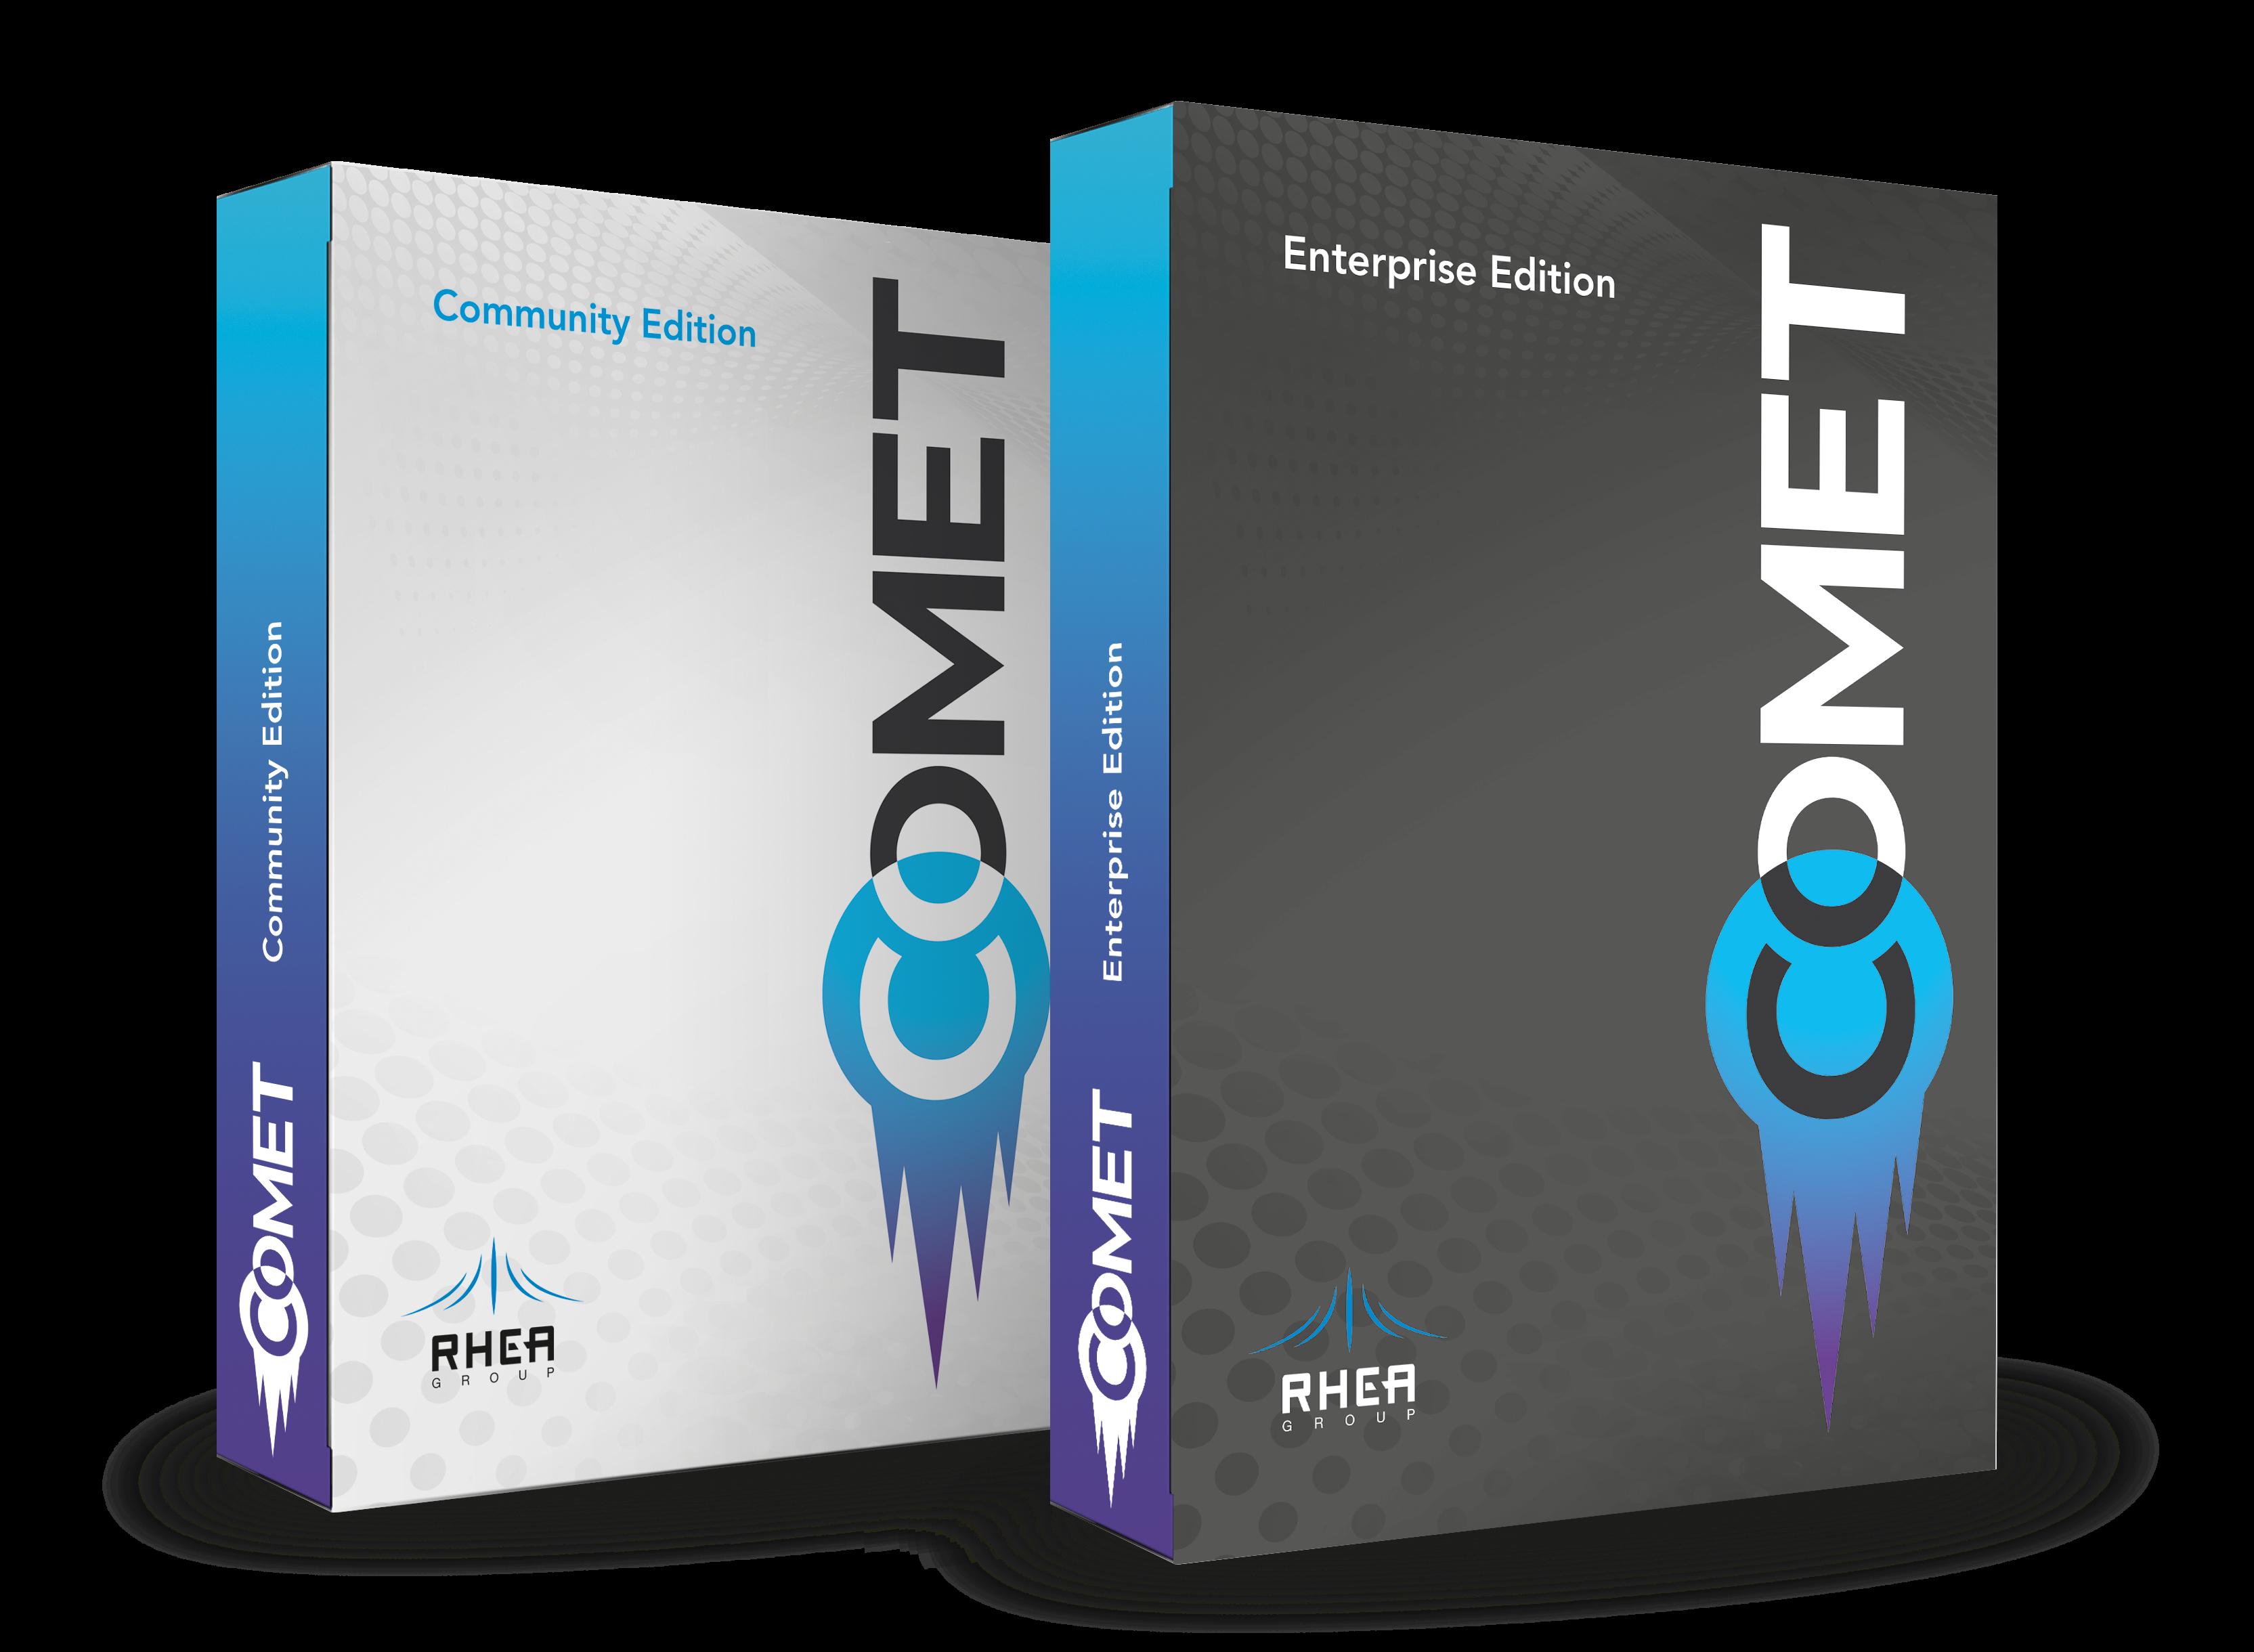 RHEA-Group-COMET-packaging-pair